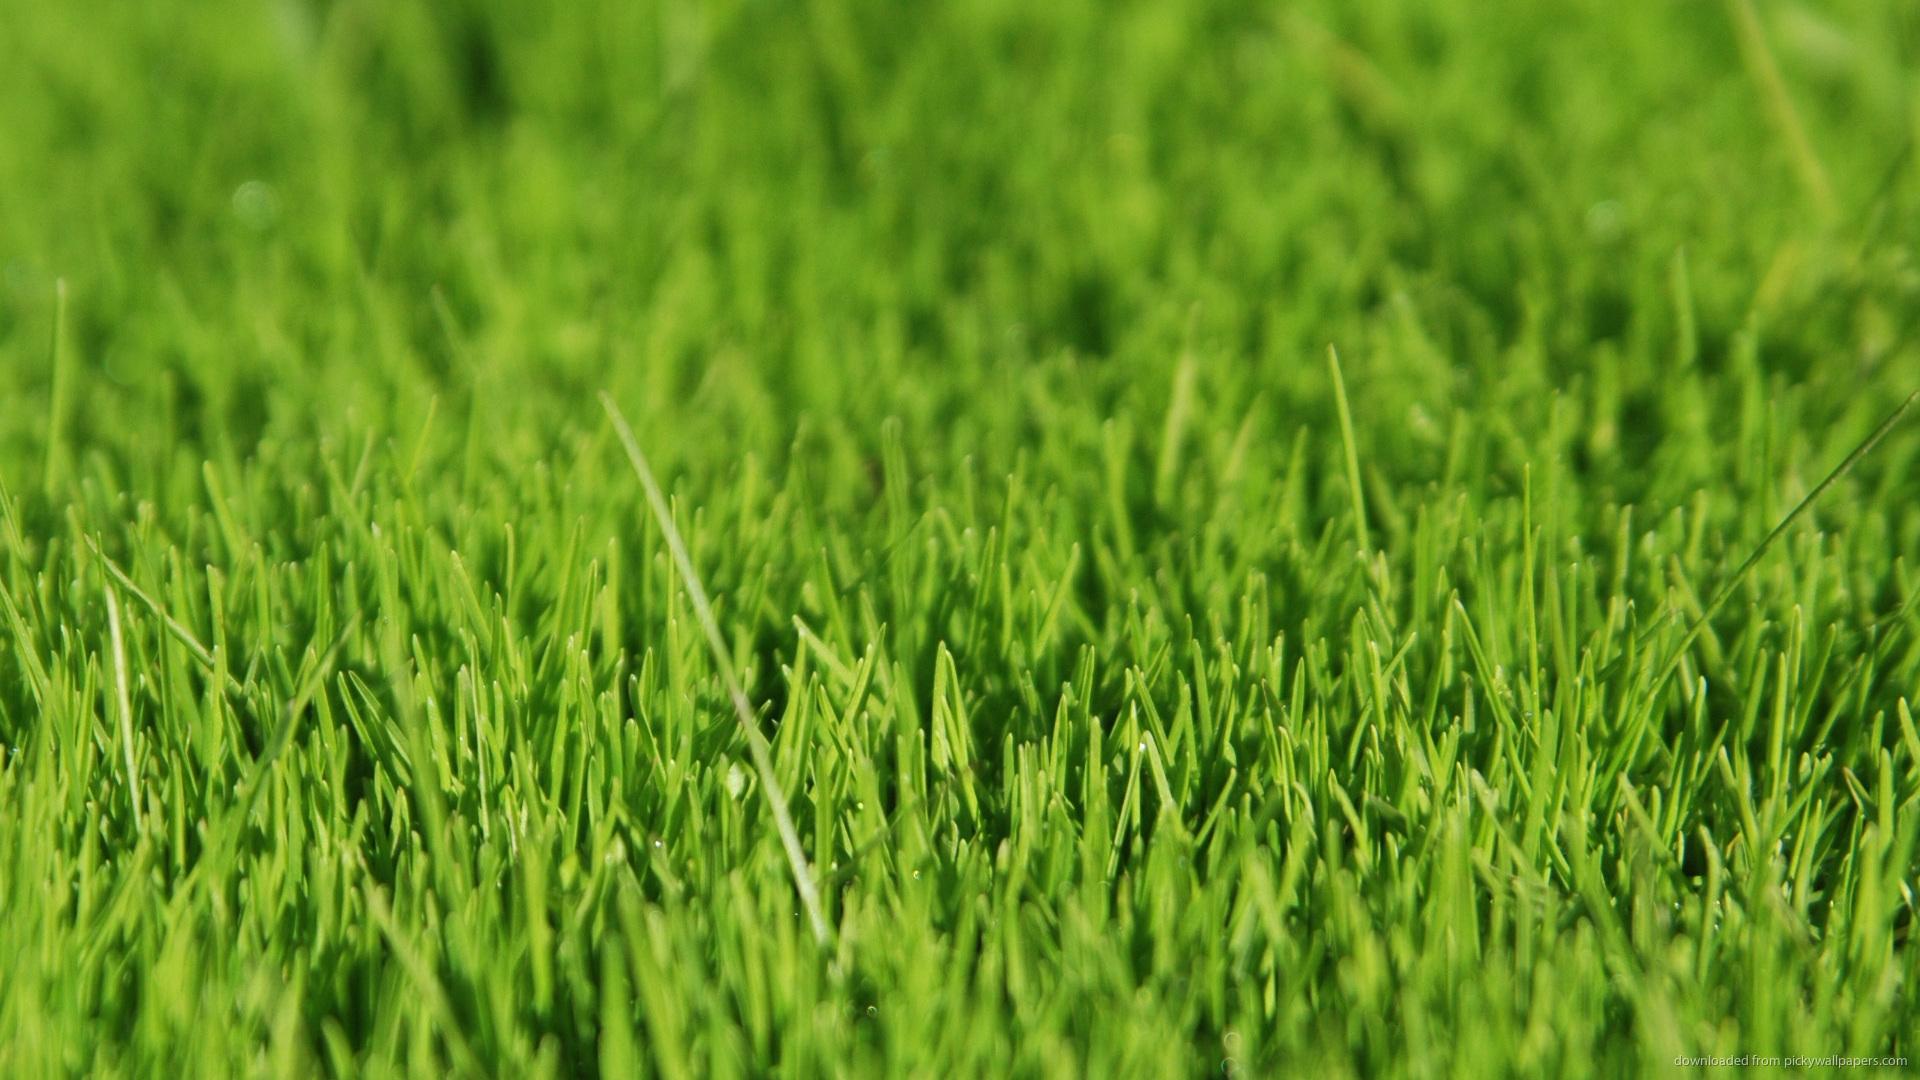 Grassland Background wallpaper - 598780